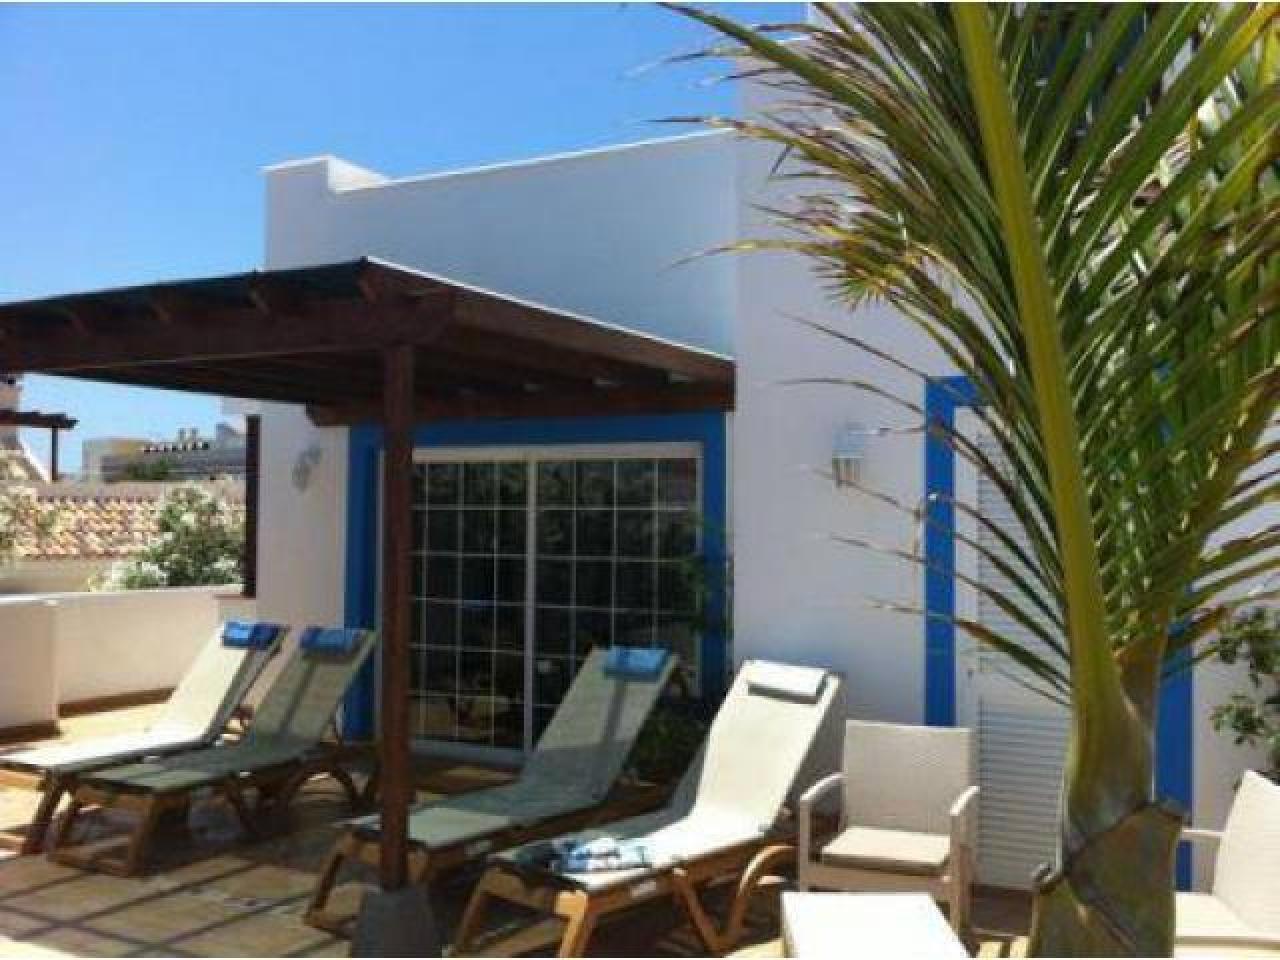 The villa is located in a private urbanization of La Caleta in Costa Adeje - 4